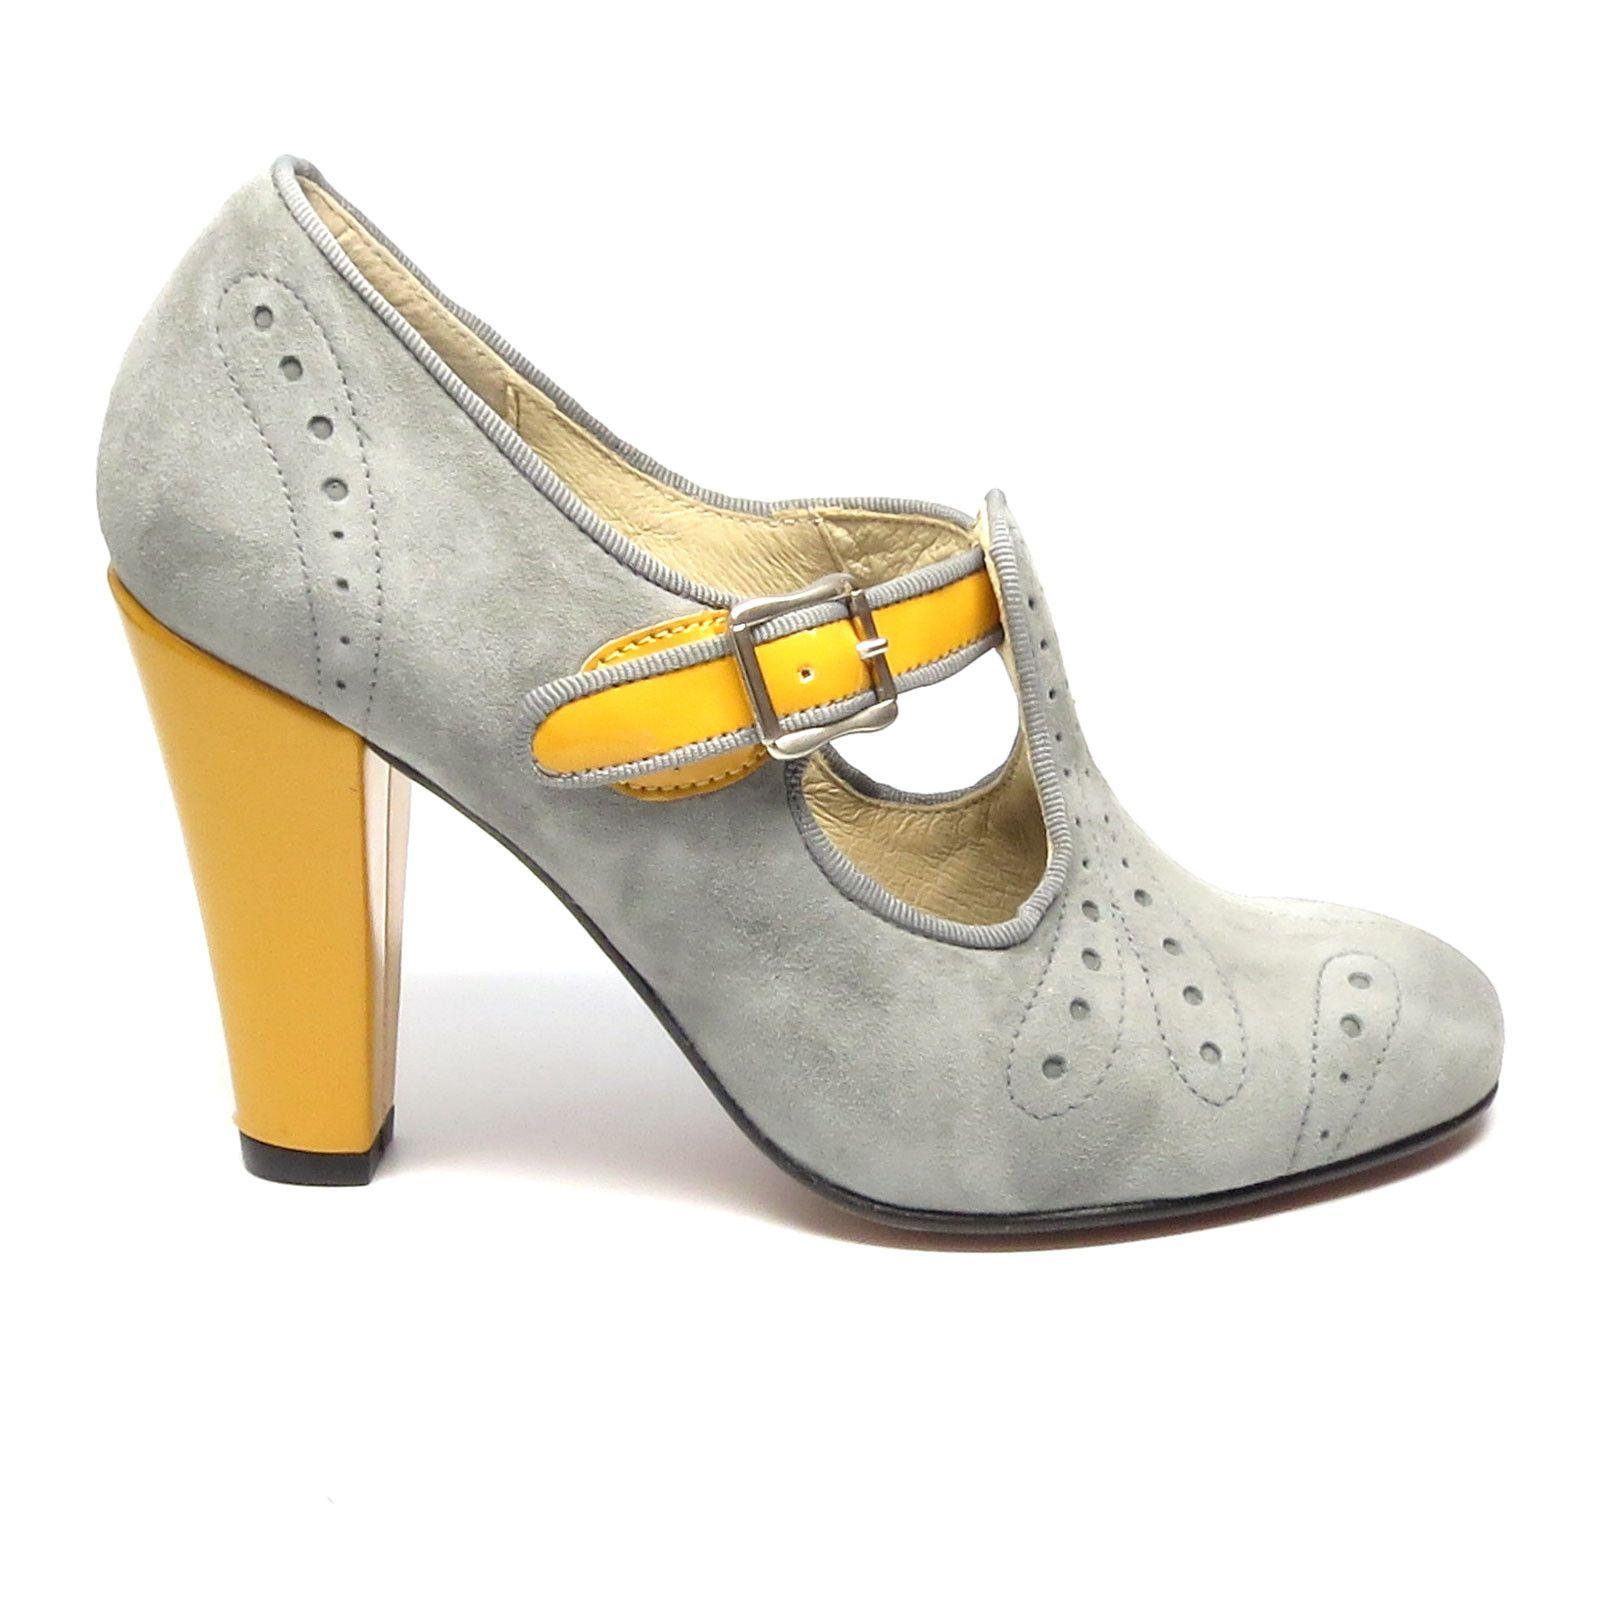 Fashion Dcollet Scarpe Donna Scarpe da sera tacco alto 7lvi ROSSO 36